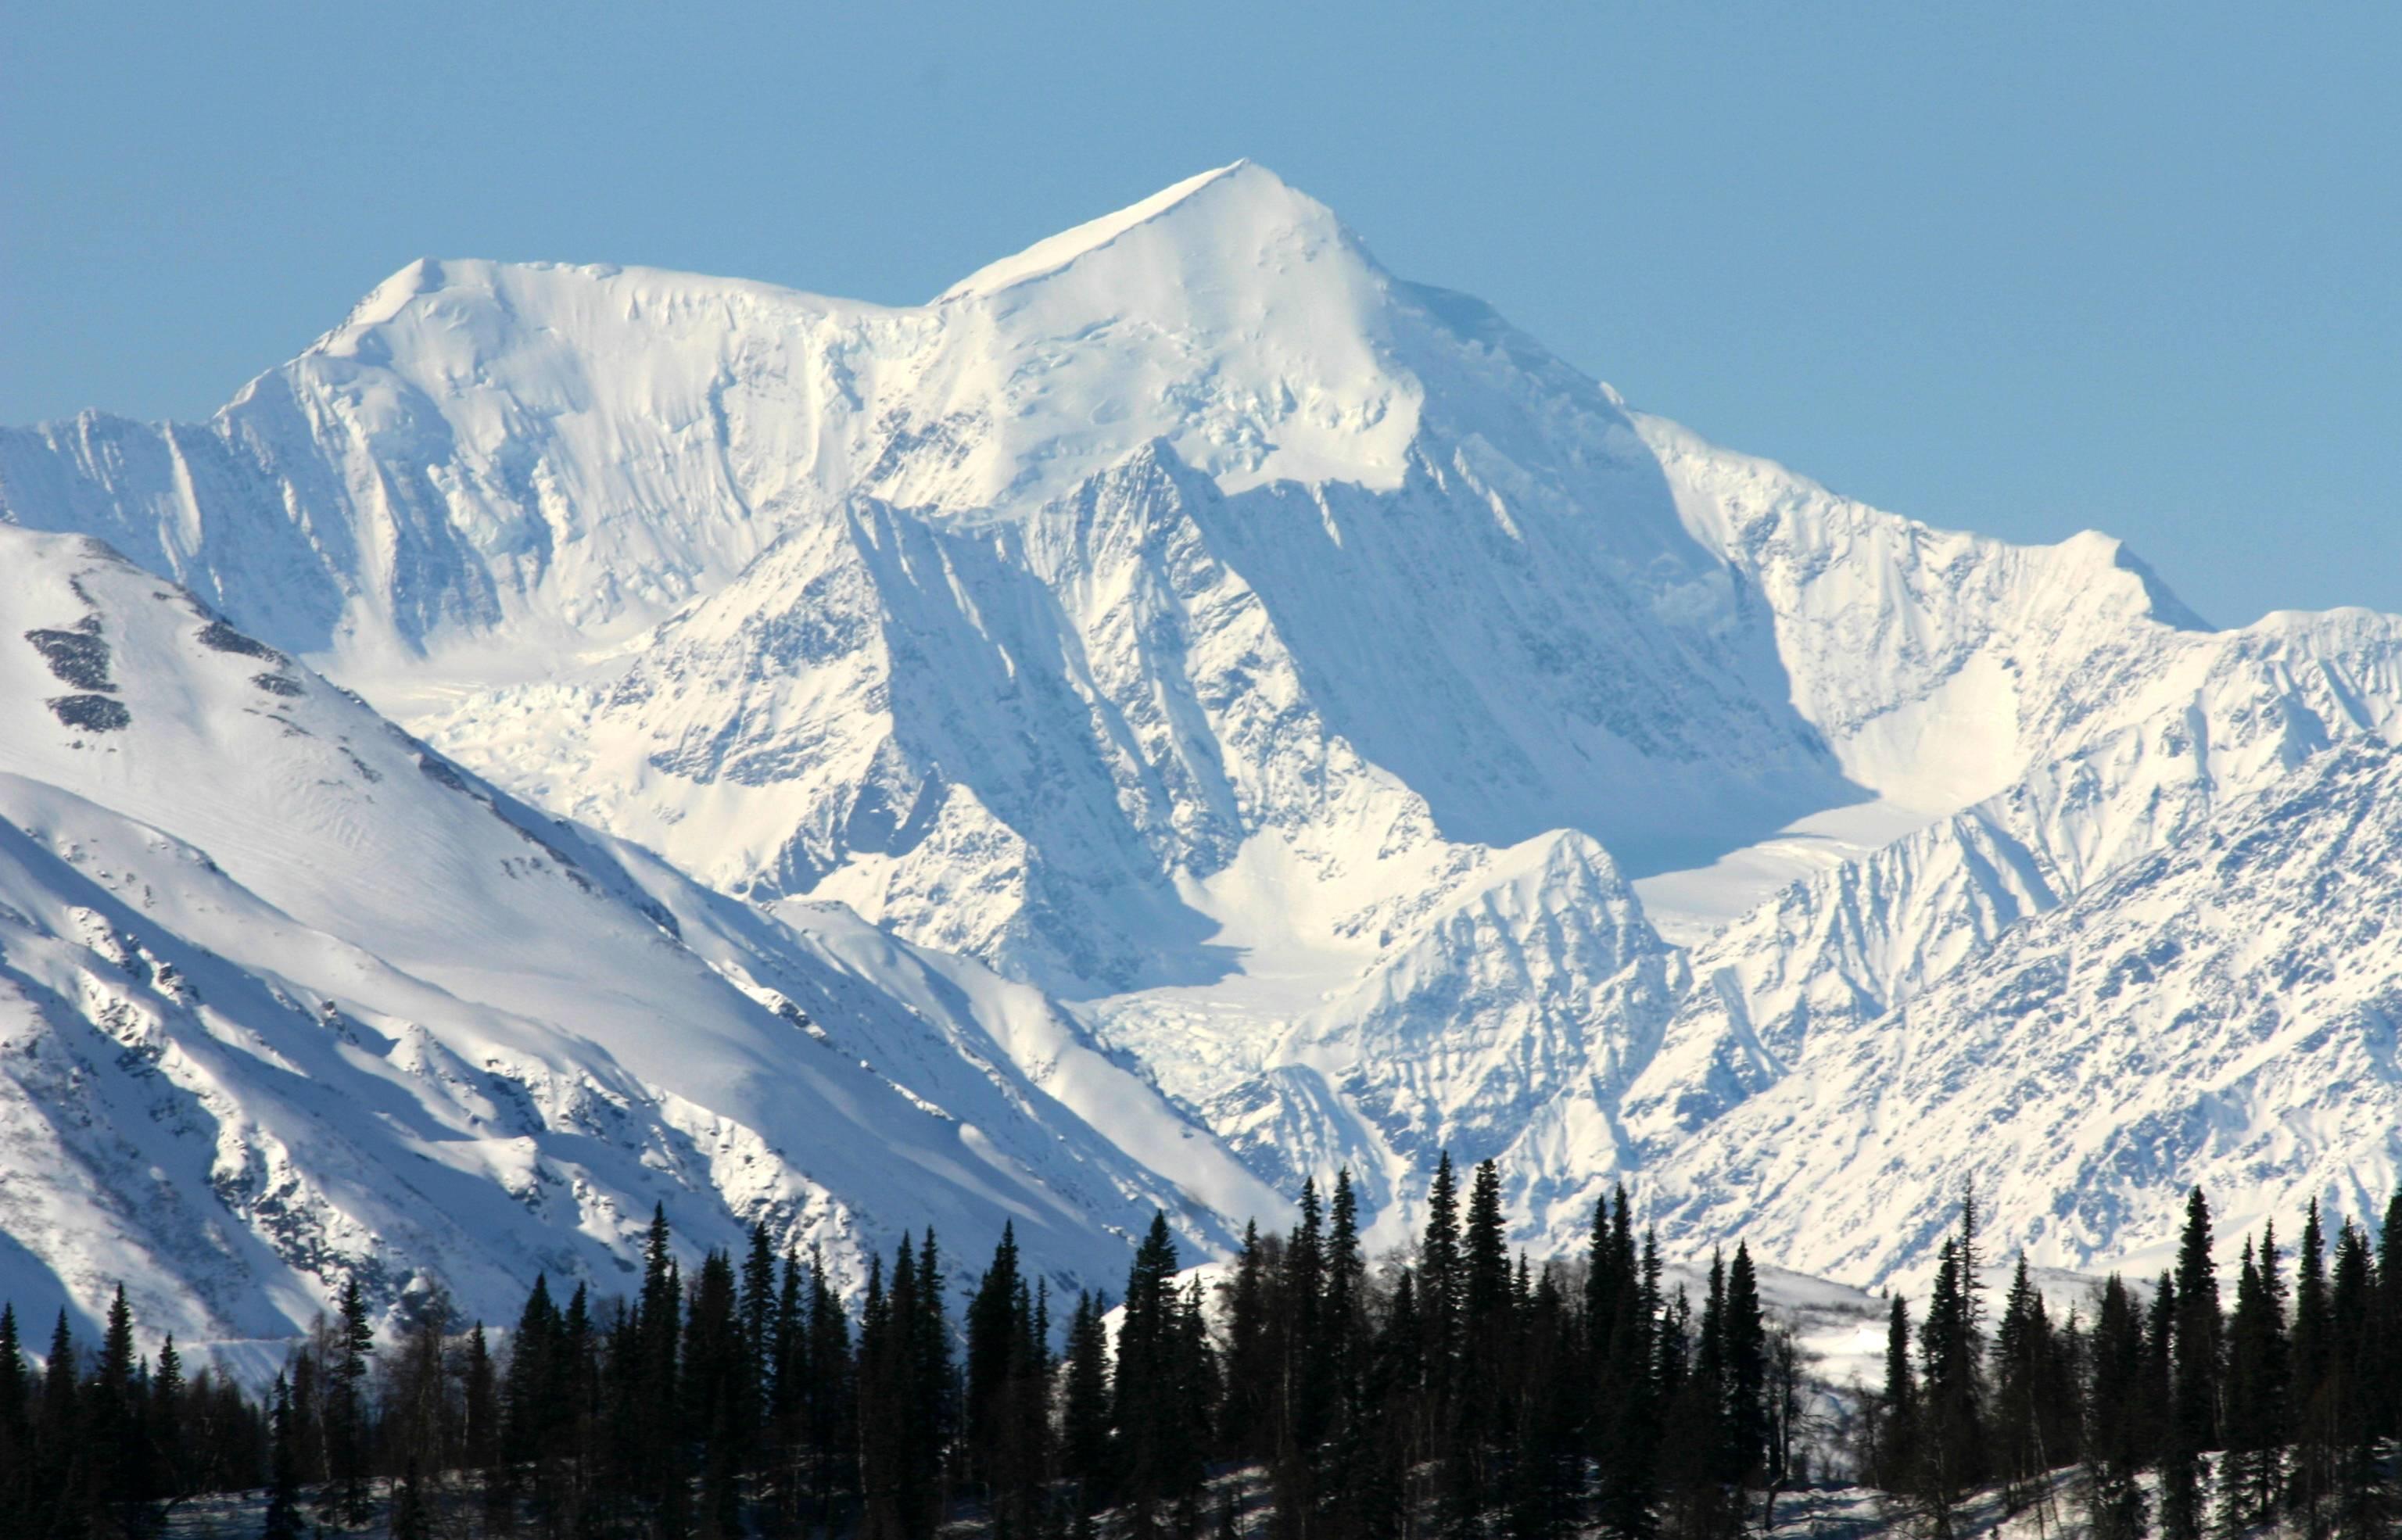 Der Mount McKinley - der kälteste und tödlichste Berg der Welt!